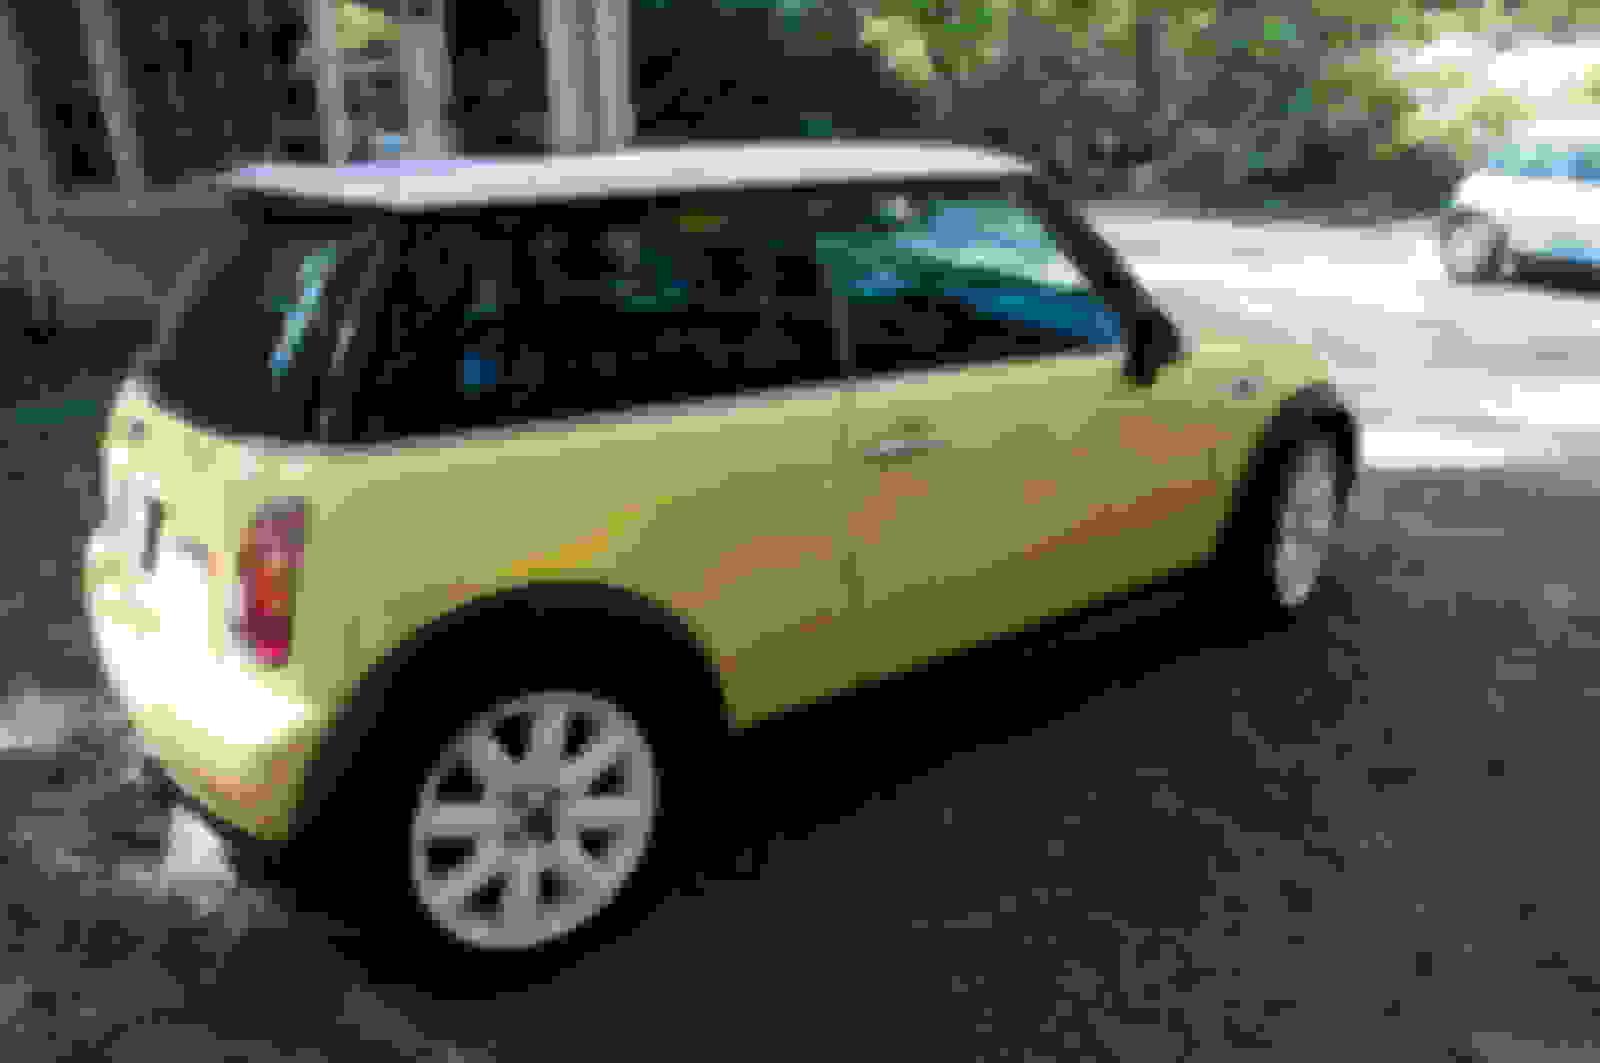 Exterior Accessories New Car Practical Magic Car Surface Clean Clay For Mini Cooper R52 R53 R55 R56 R58 R59 R60 R61 Paceman Countryman Clubman Coupe